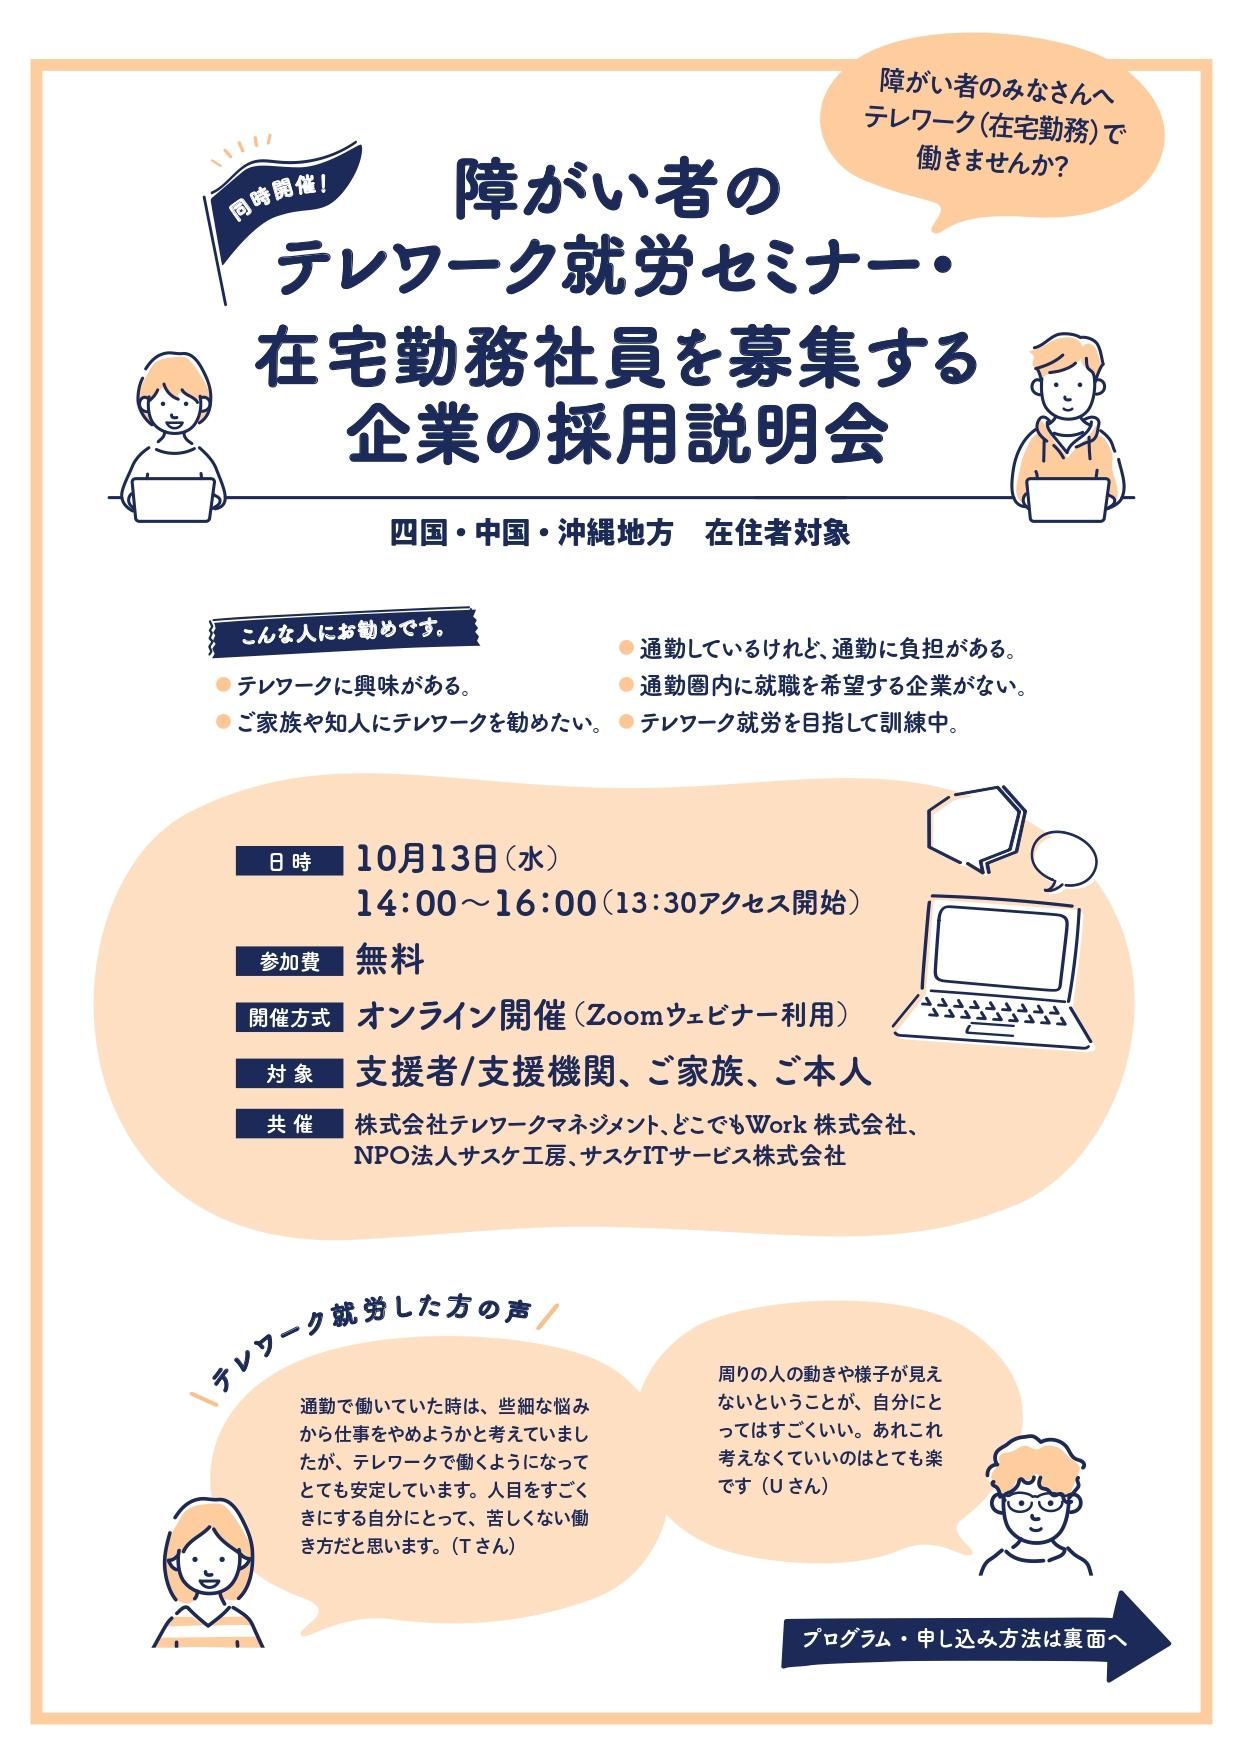 四国・中国・沖縄地方在住の障がい者対象「テレワークセミナー/採用説明会」